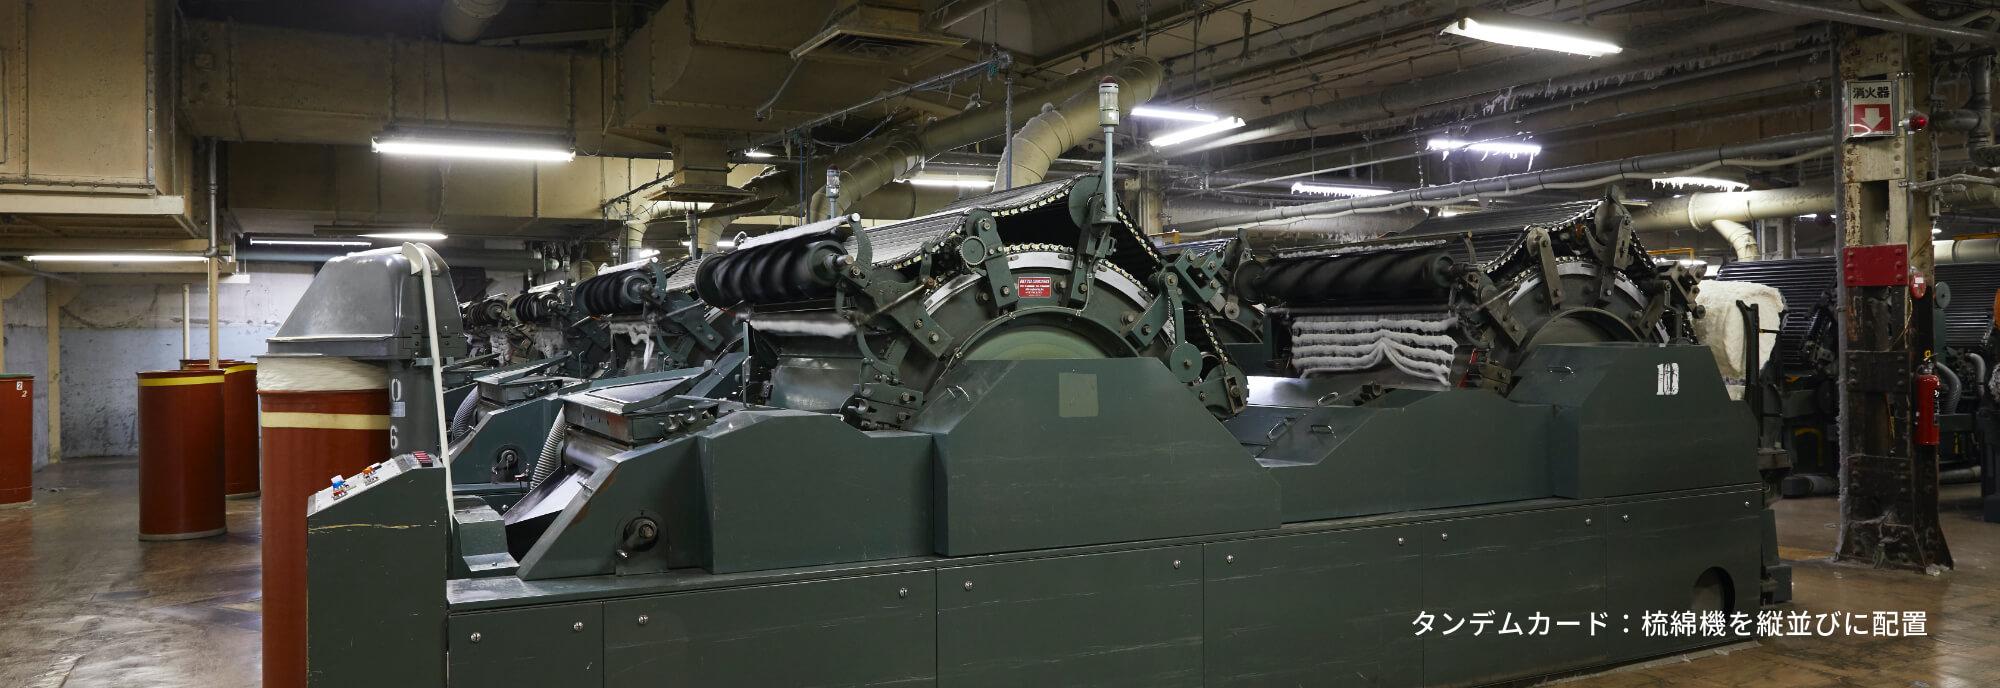 タンデムカード:梳綿機を縦並びに配置